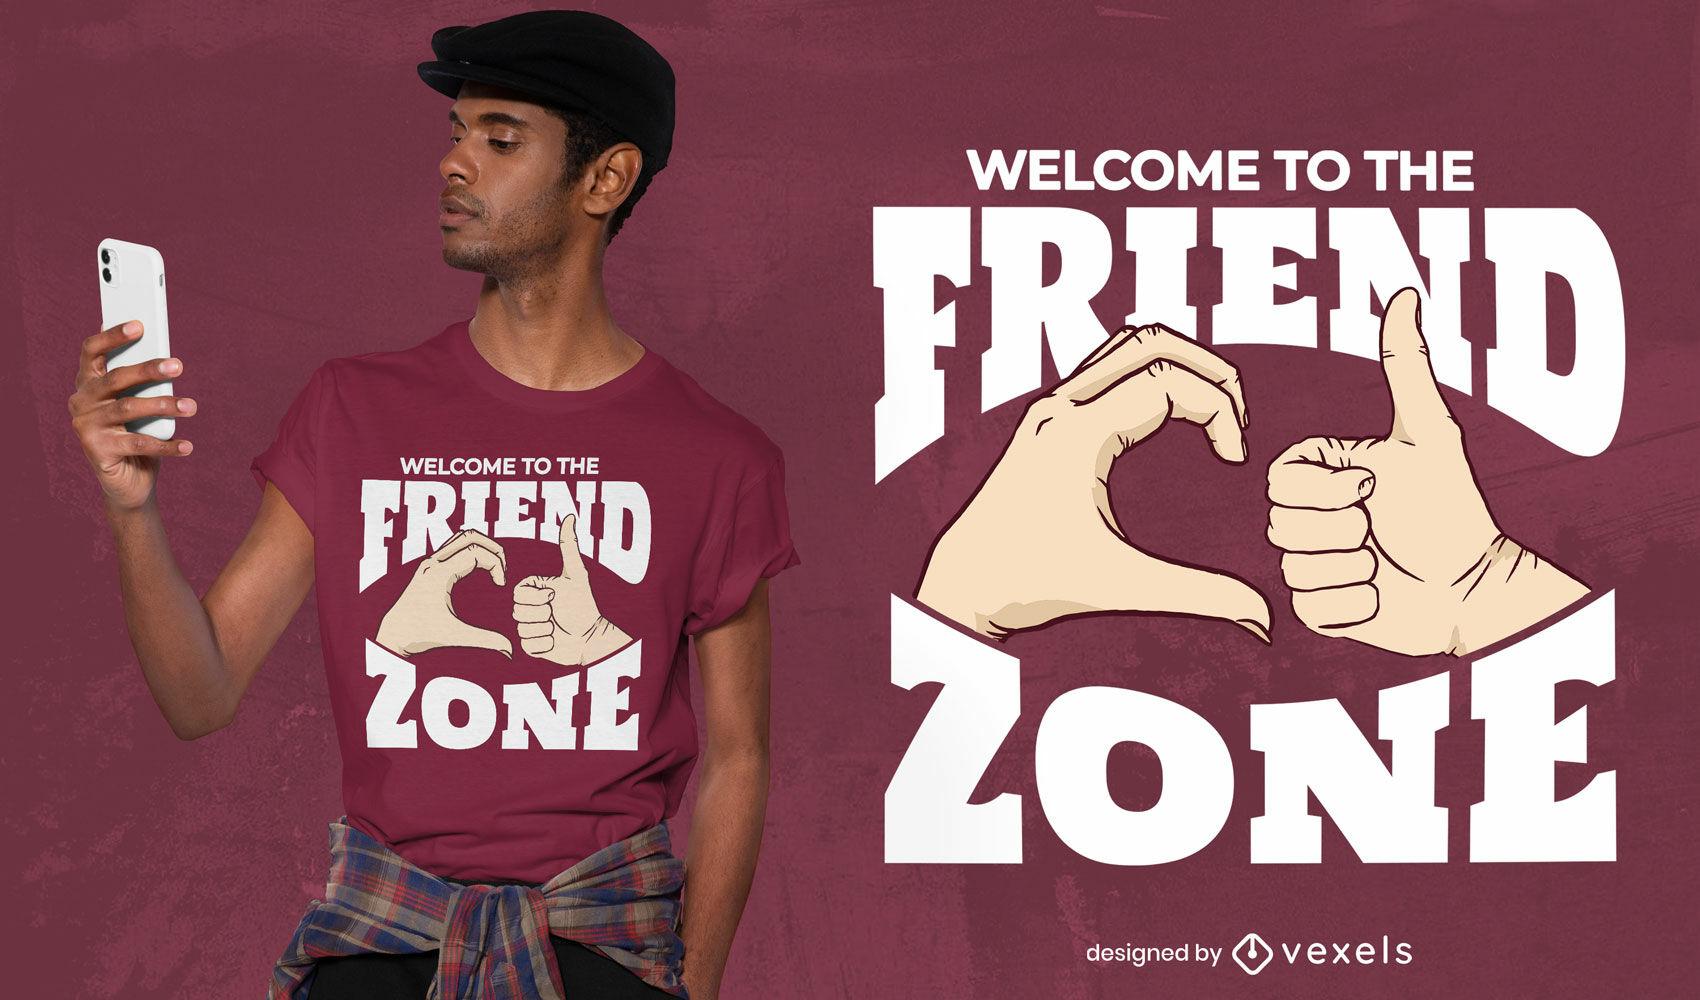 Dise?o de camiseta con mensaje de friendzone de gestos con las manos